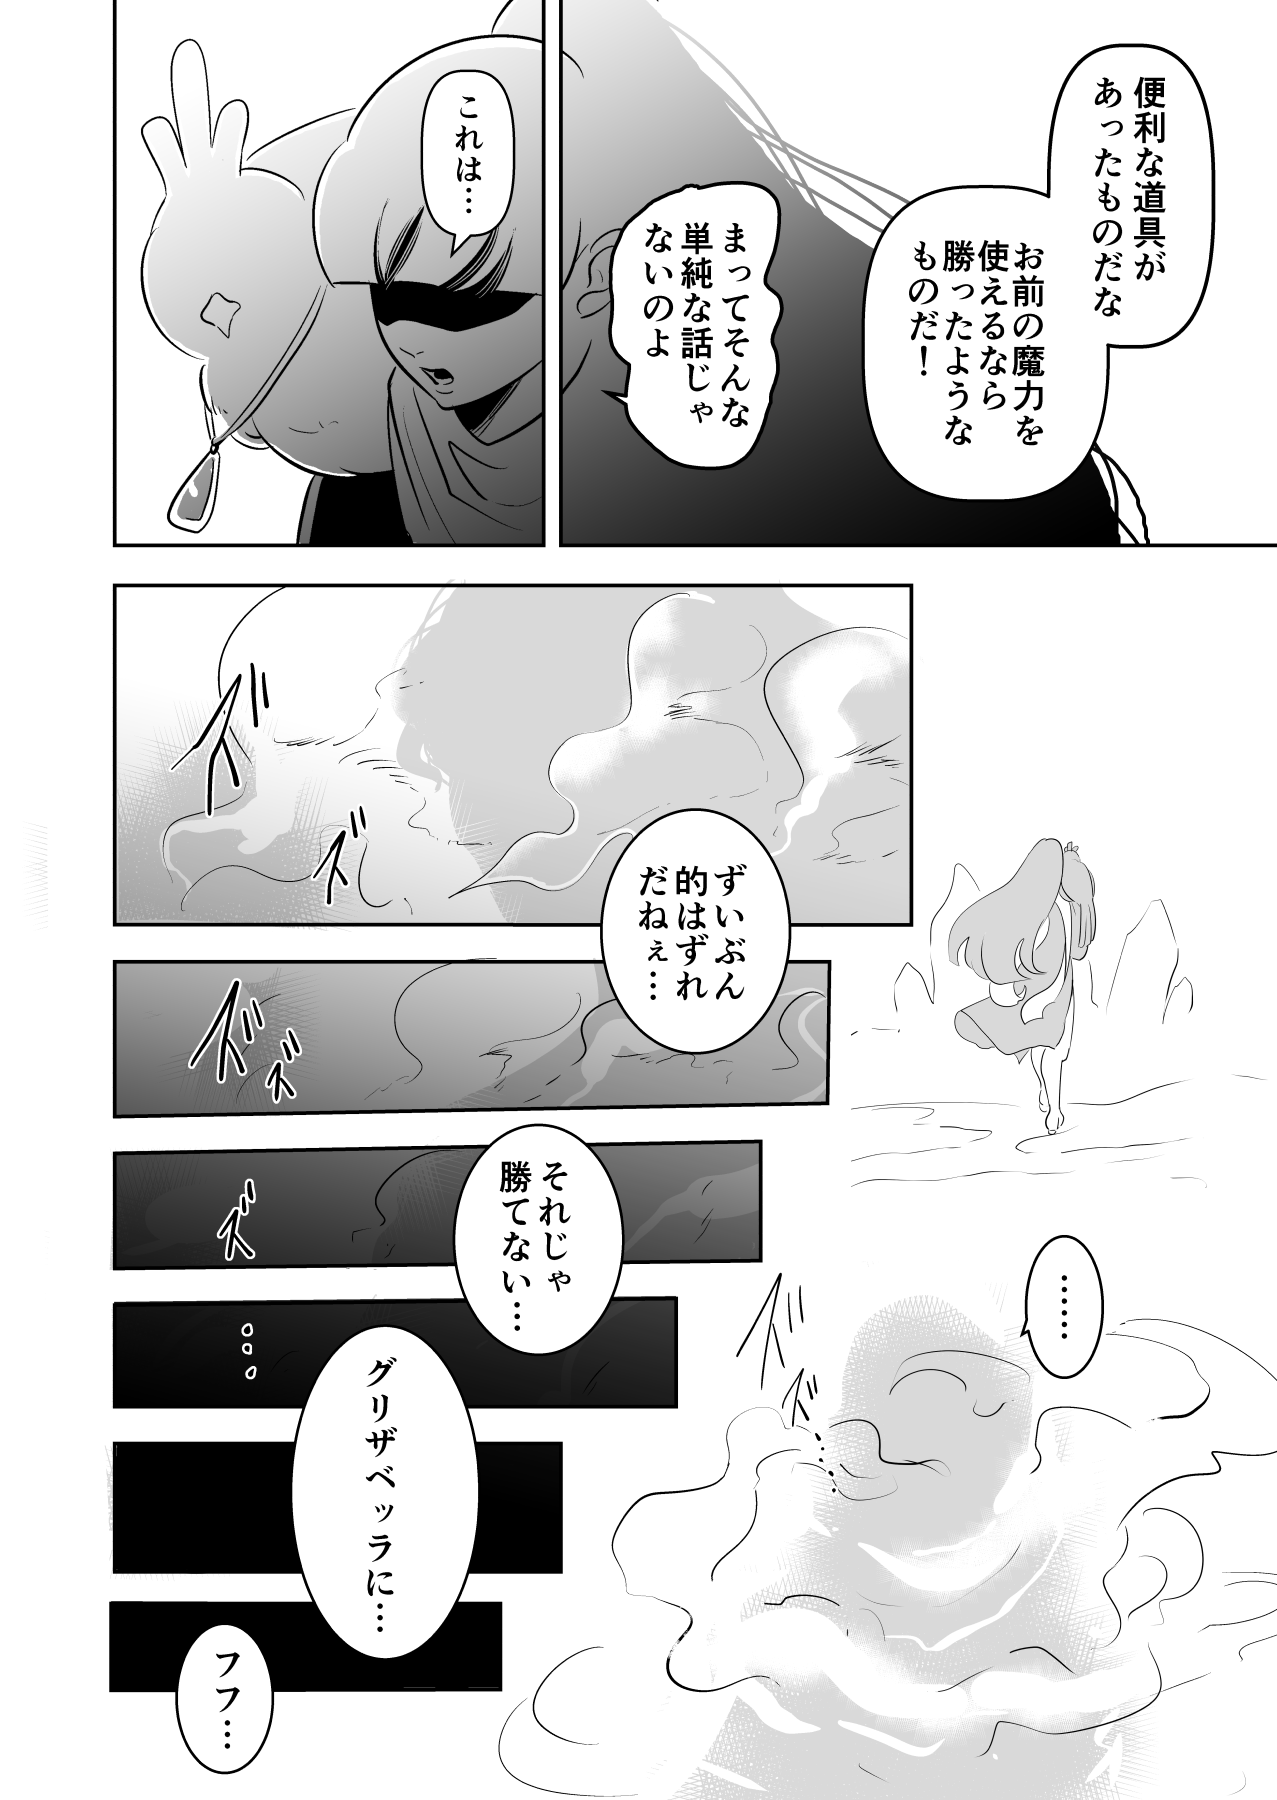 テンプレート_018